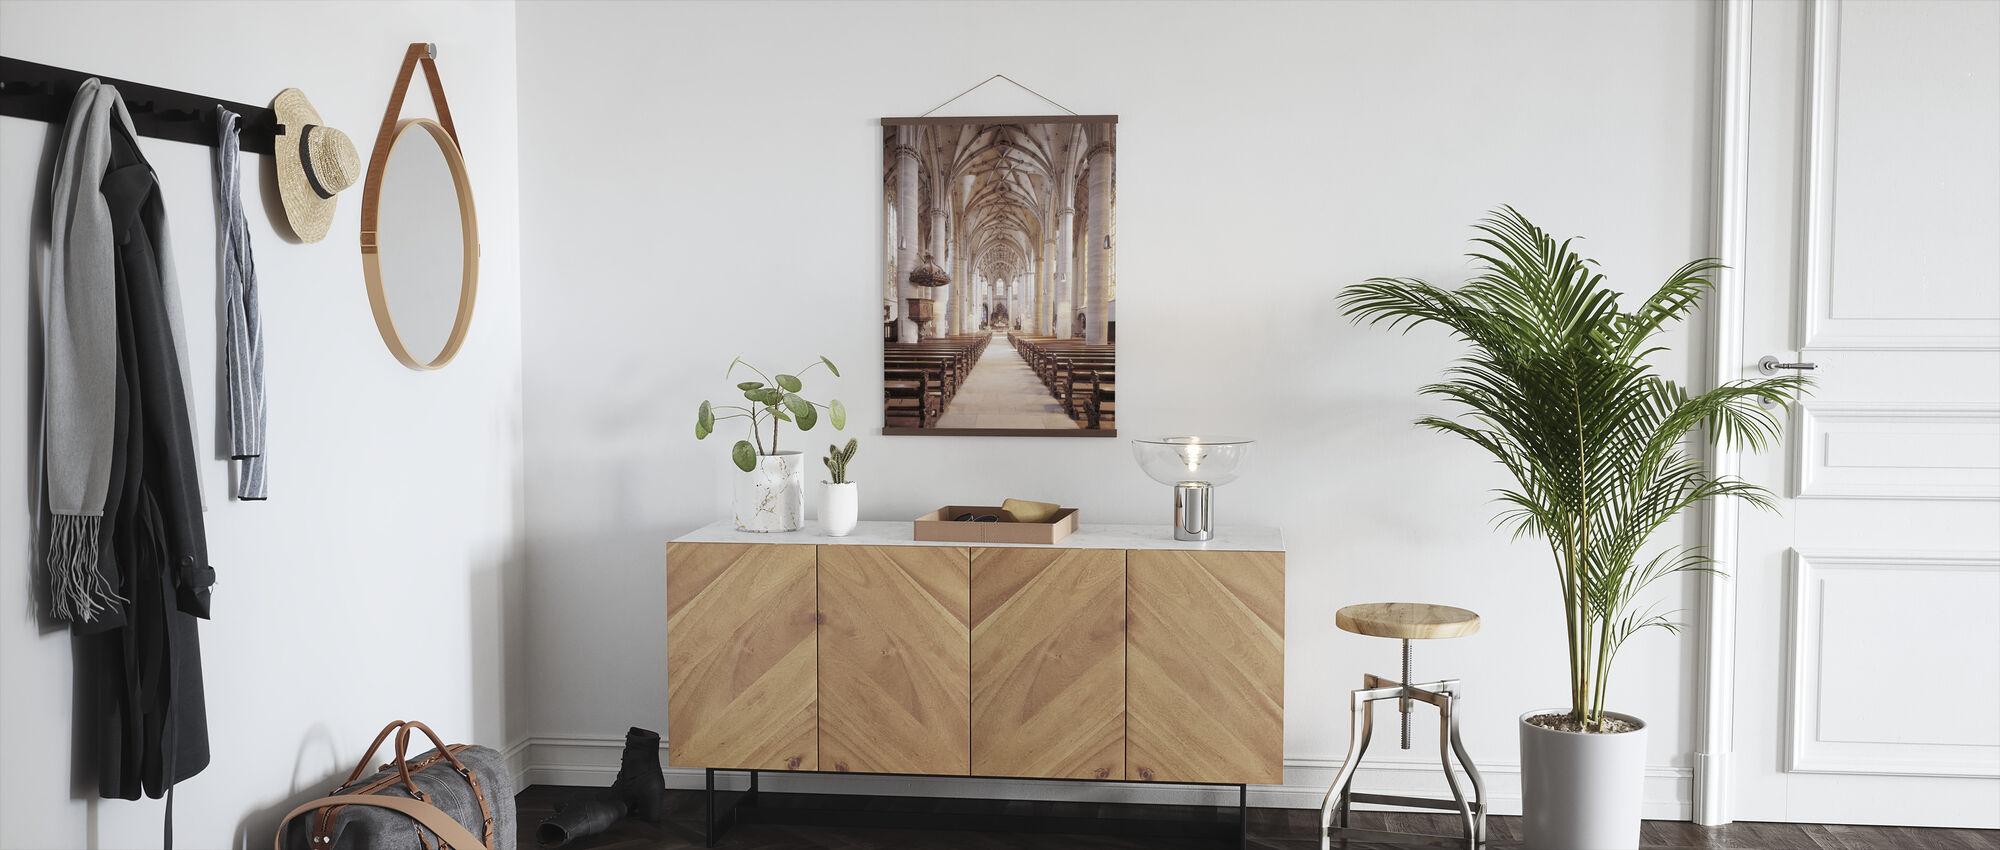 Gmuender Münster - Poster - Hallway